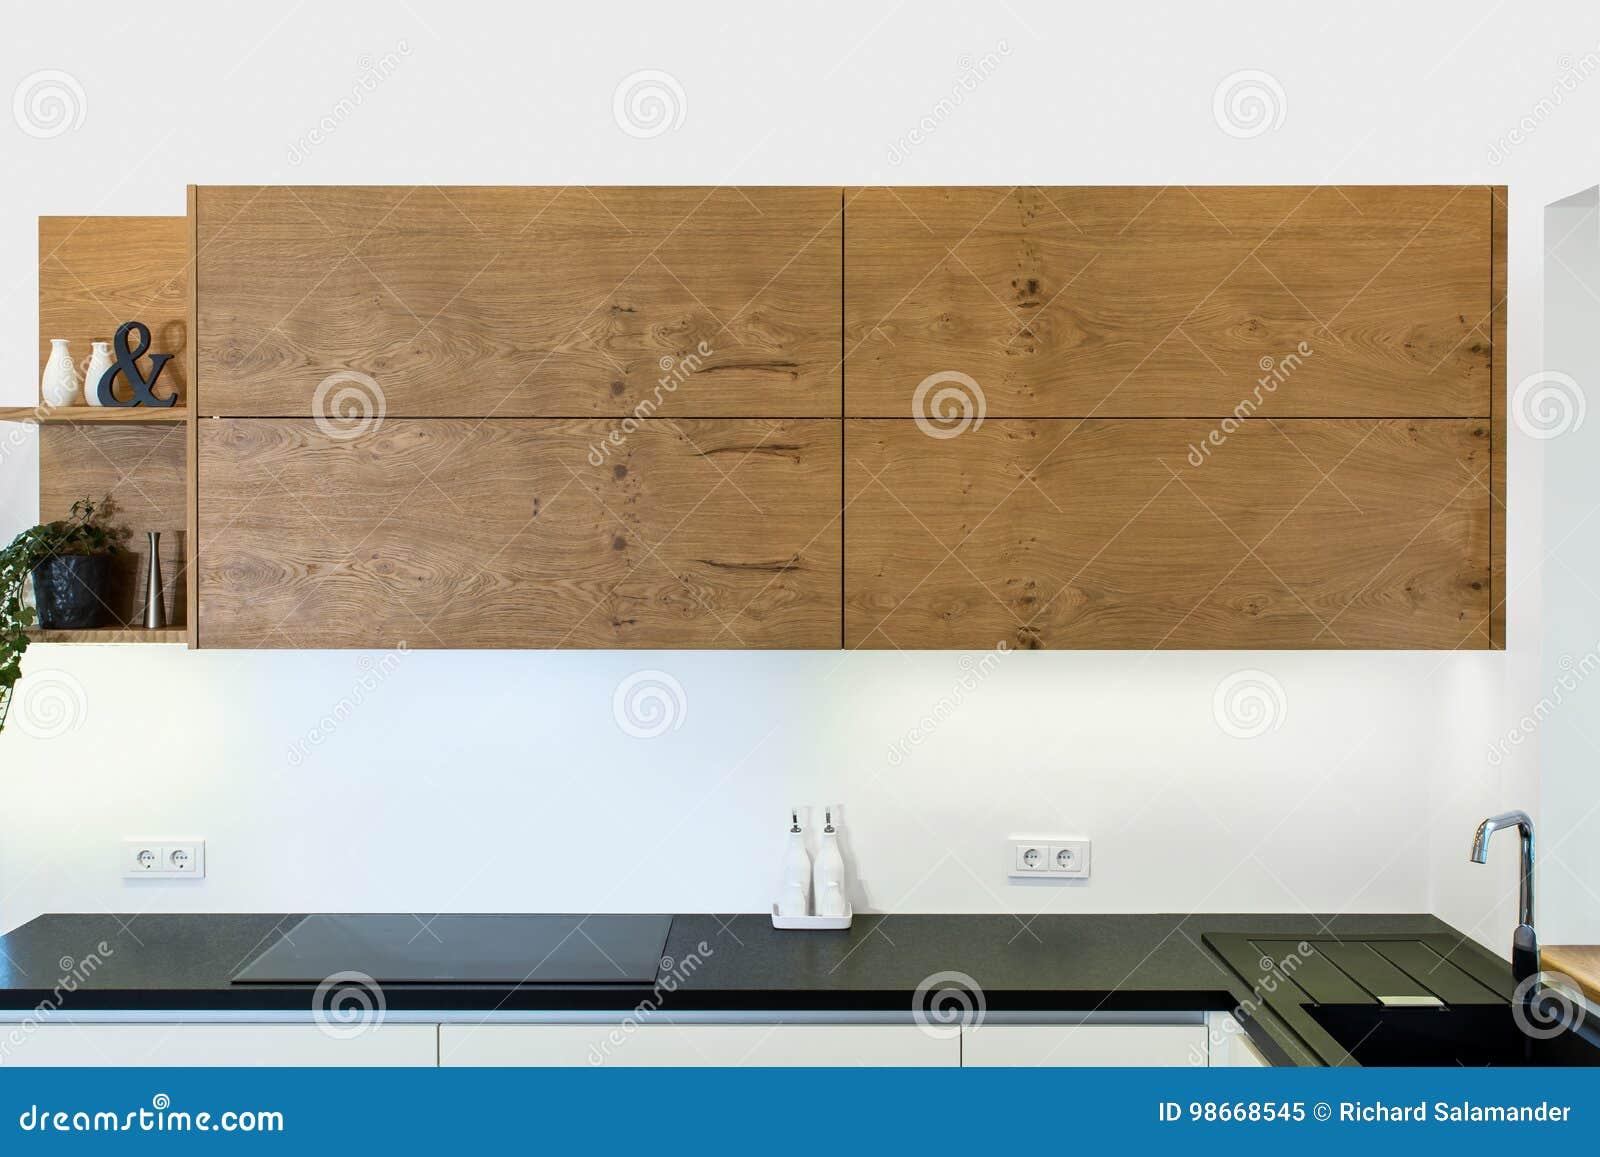 Σύγχρονο σχέδιο κουζινών στο ελαφρύ εσωτερικό με τις ξύλινες εμφάσεις